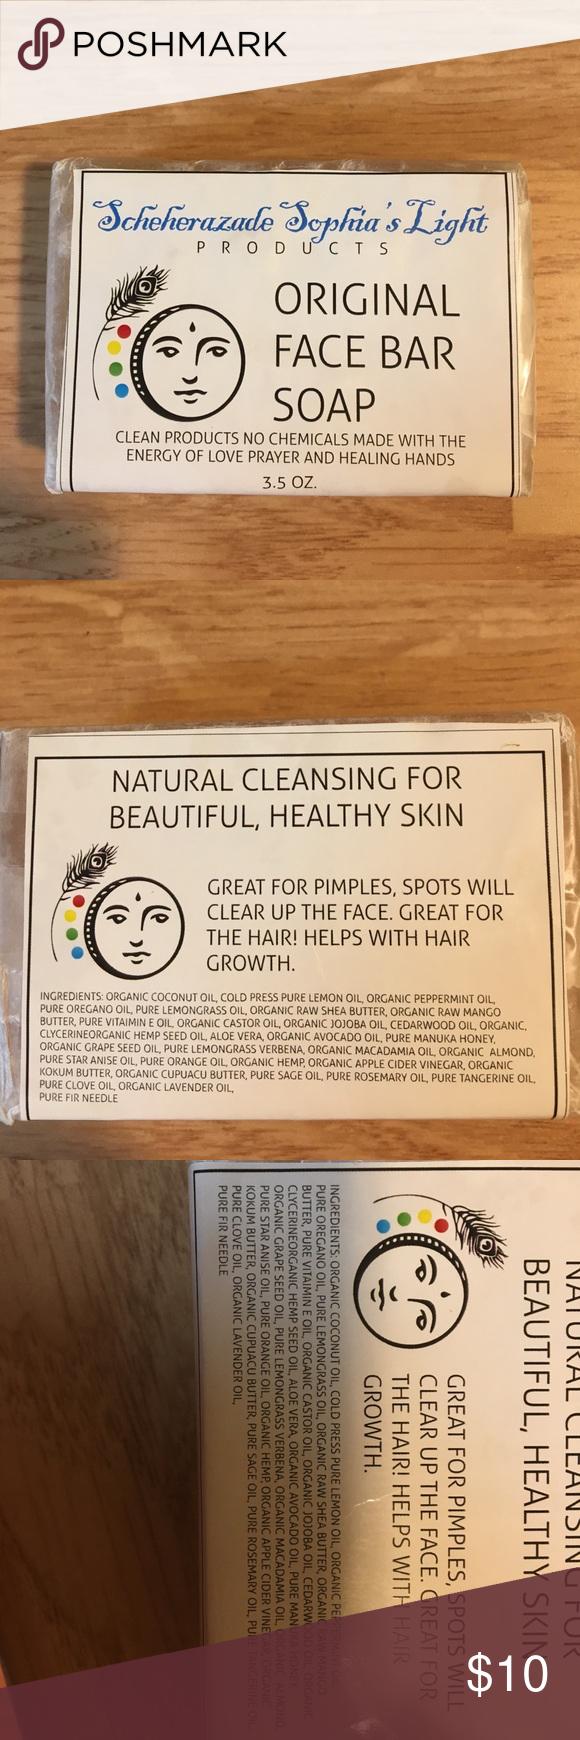 NEW Organic Homemade soap bar Brand new organic handmade